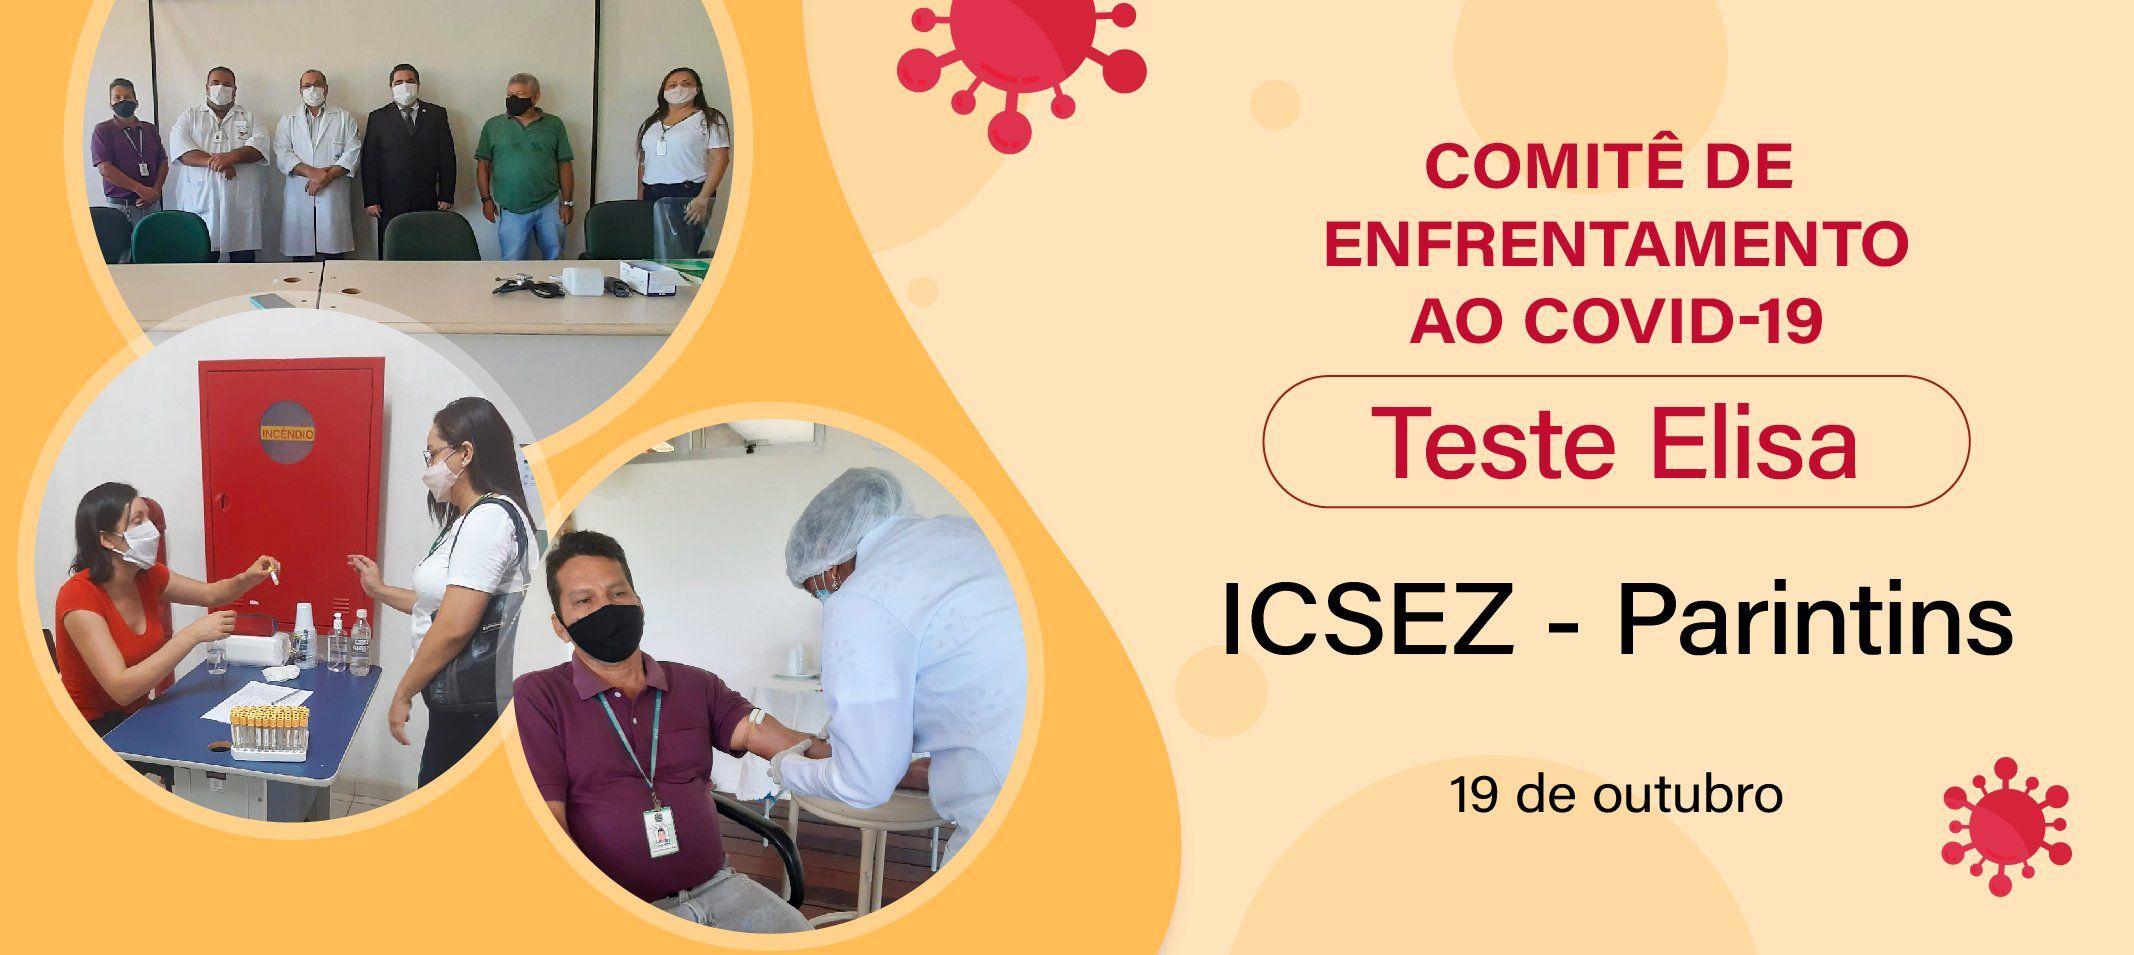 Servidores do Icsez são testados em ação do Comitê de Enfrentamento ao covid-19